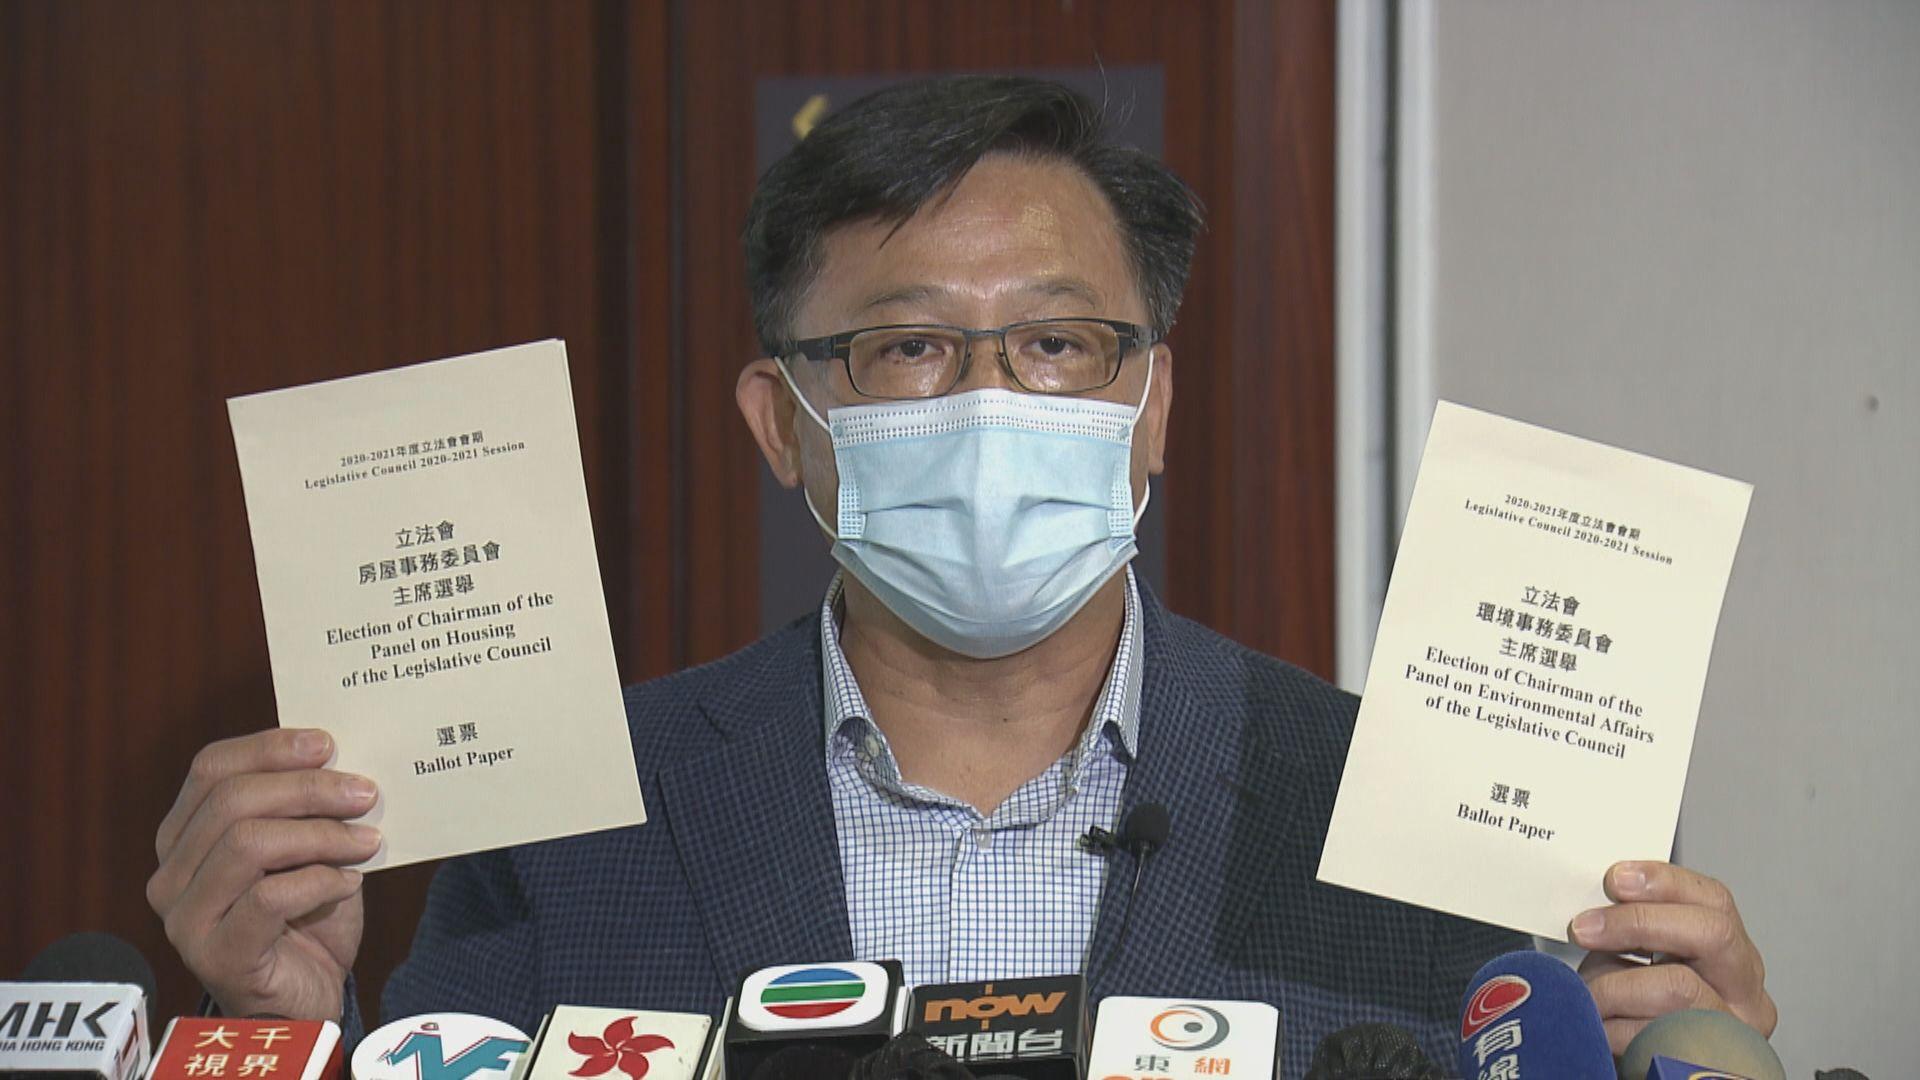 何君堯報警 指黃碧雲尹兆堅干預環境委員會主席選舉